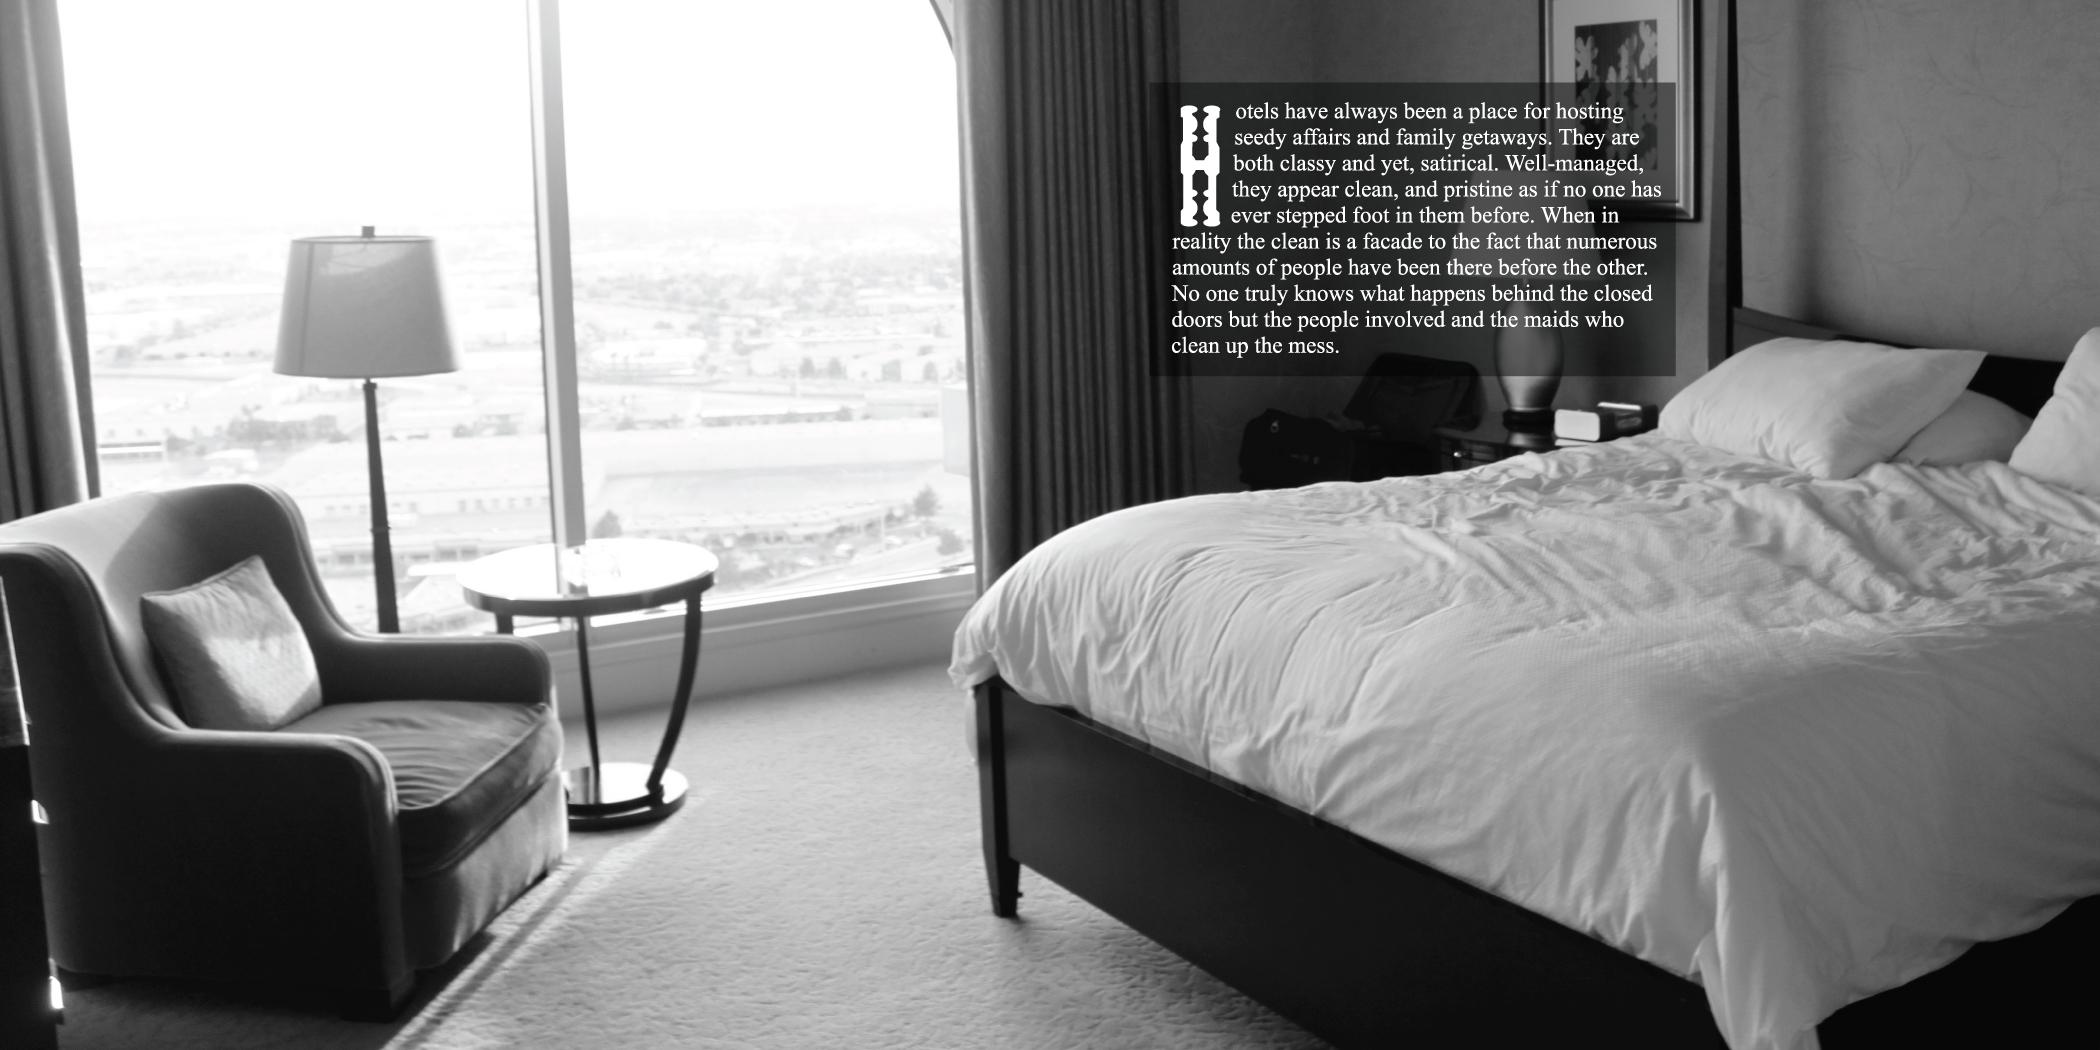 ChrisAlexakis_HotelBook6.jpg